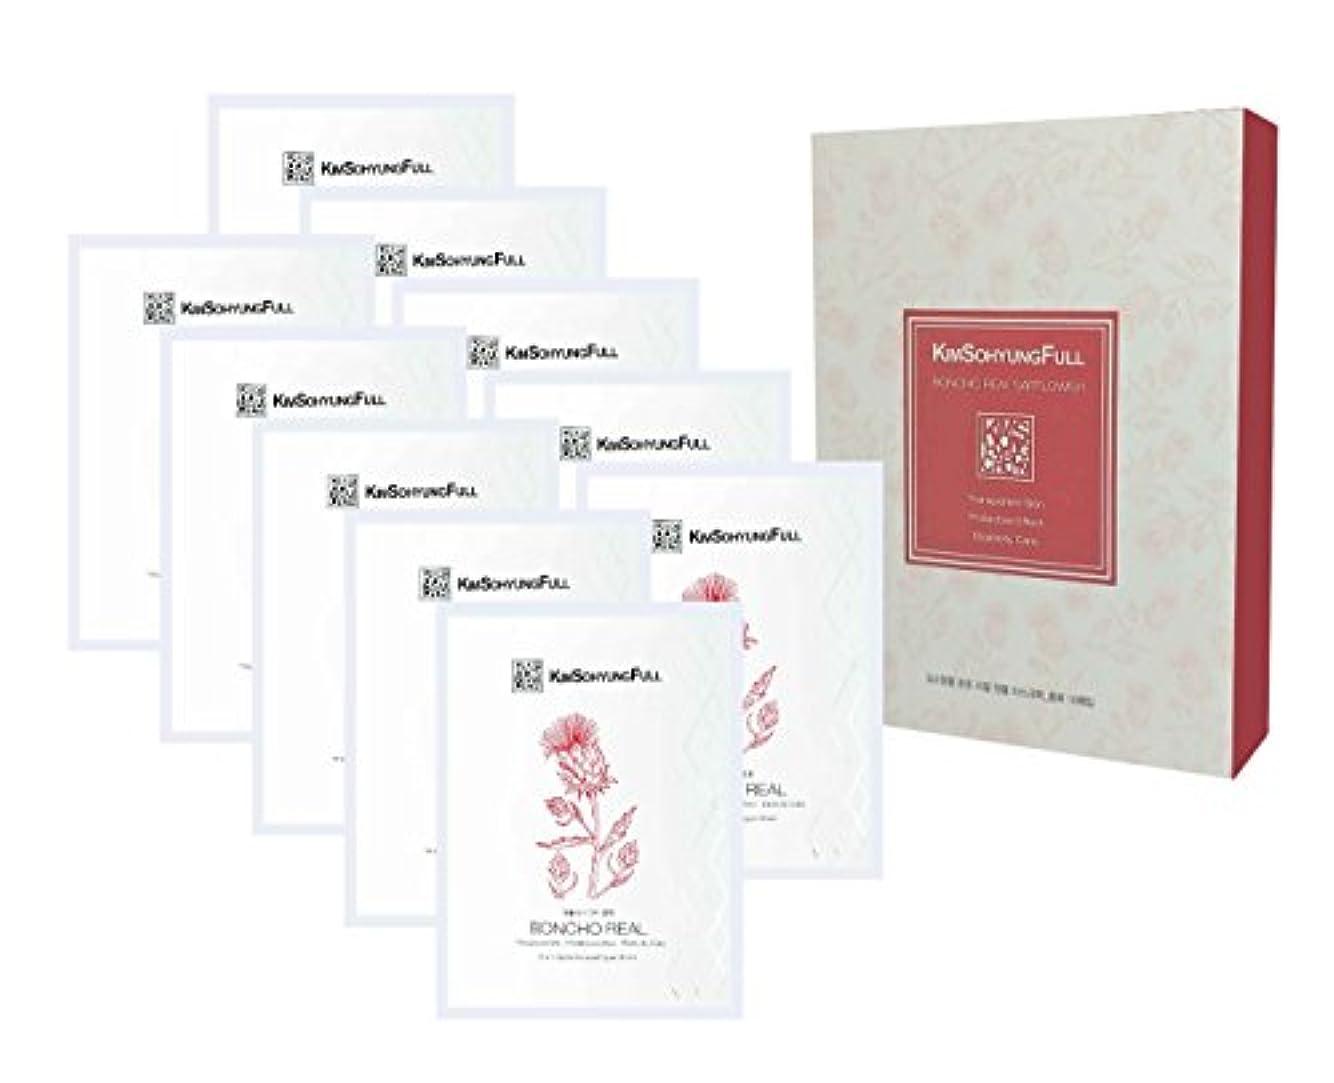 ワックスぴったり植生[ギムソヒョンフル] 本草 本物のべに花の花びらを使ったシートマスク10枚パック -本物のべに花の花びらを4%配合、革新的な3葬式の100%天然ボタニカルシート、23ml / 0.77液体オンス